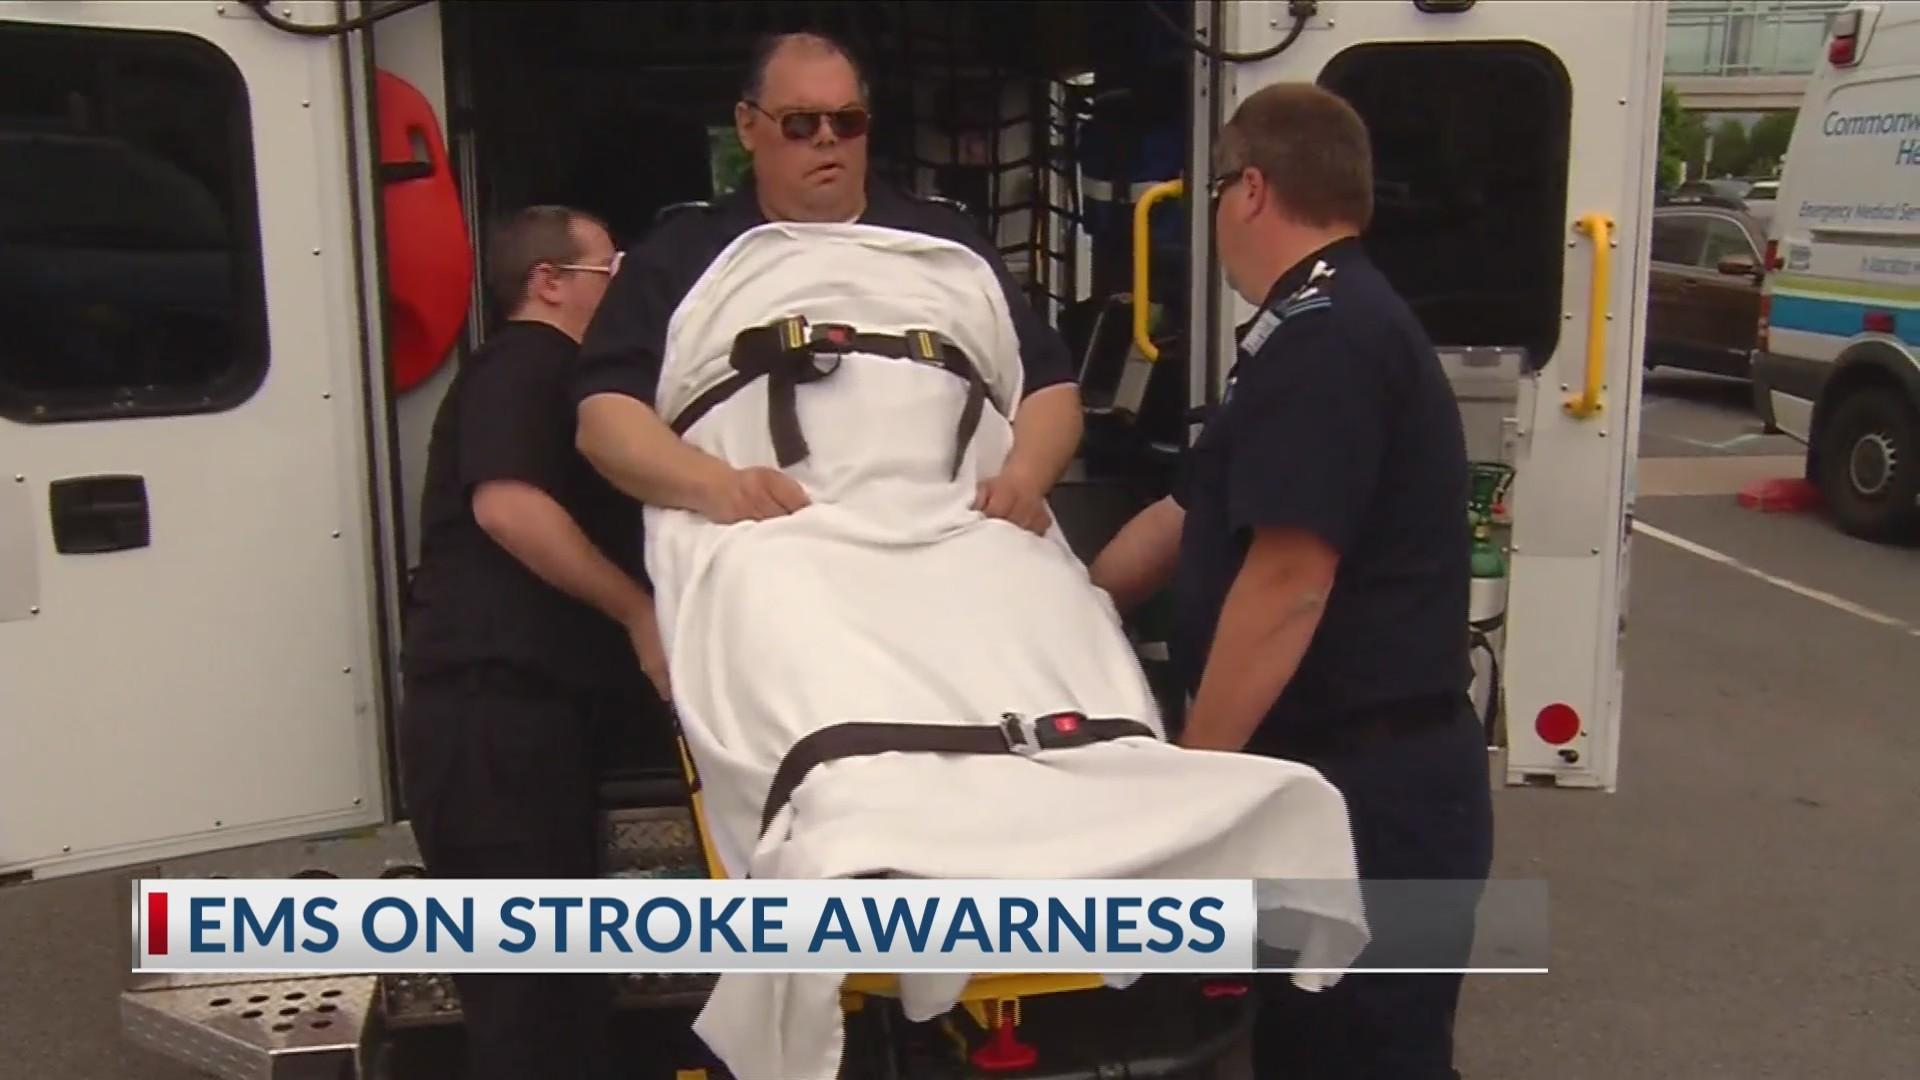 EMS_on_stroke_awareness_0_20190608125241